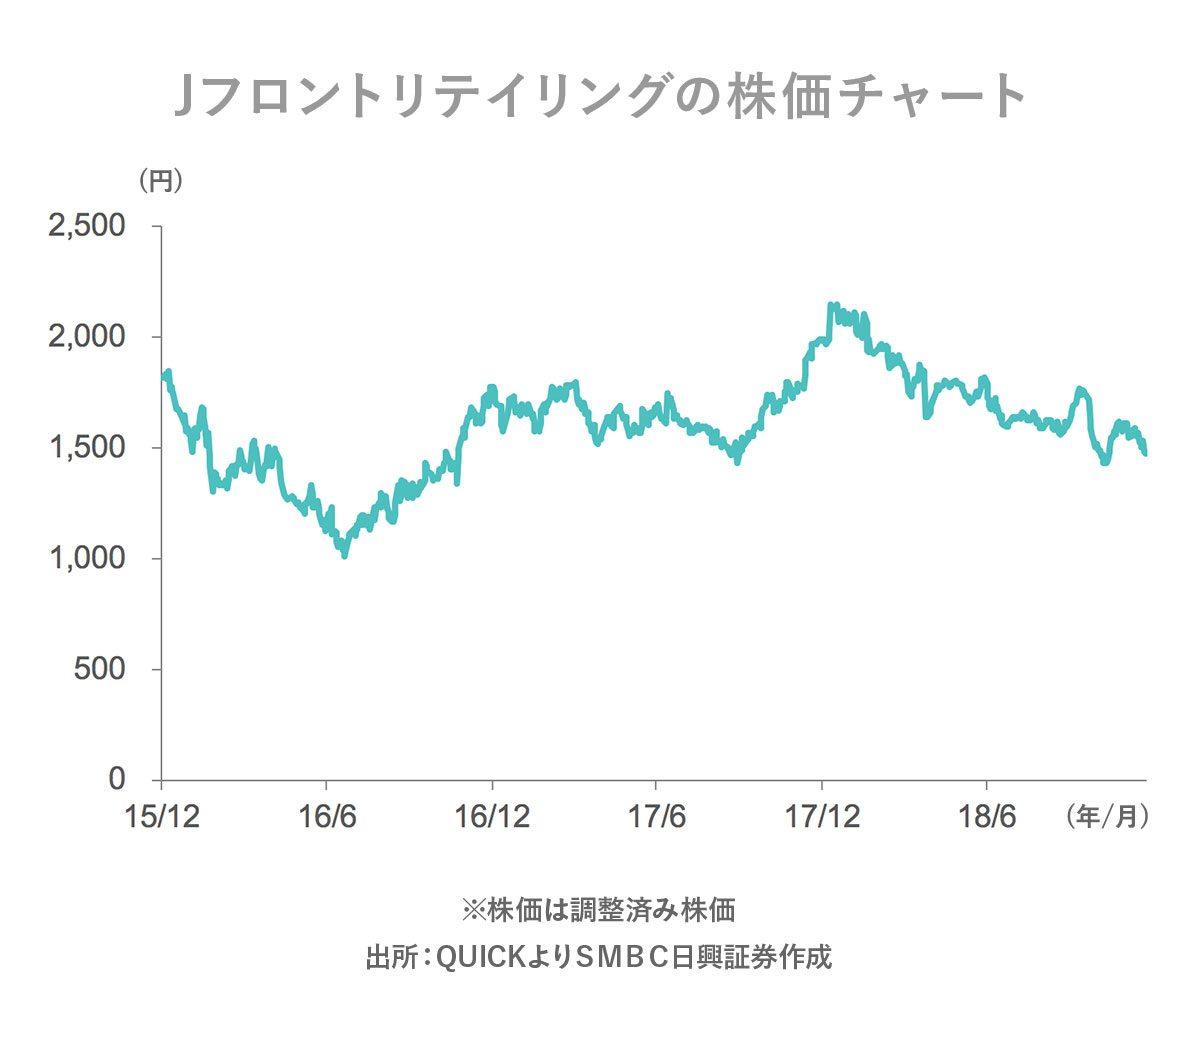 株価 j フロント